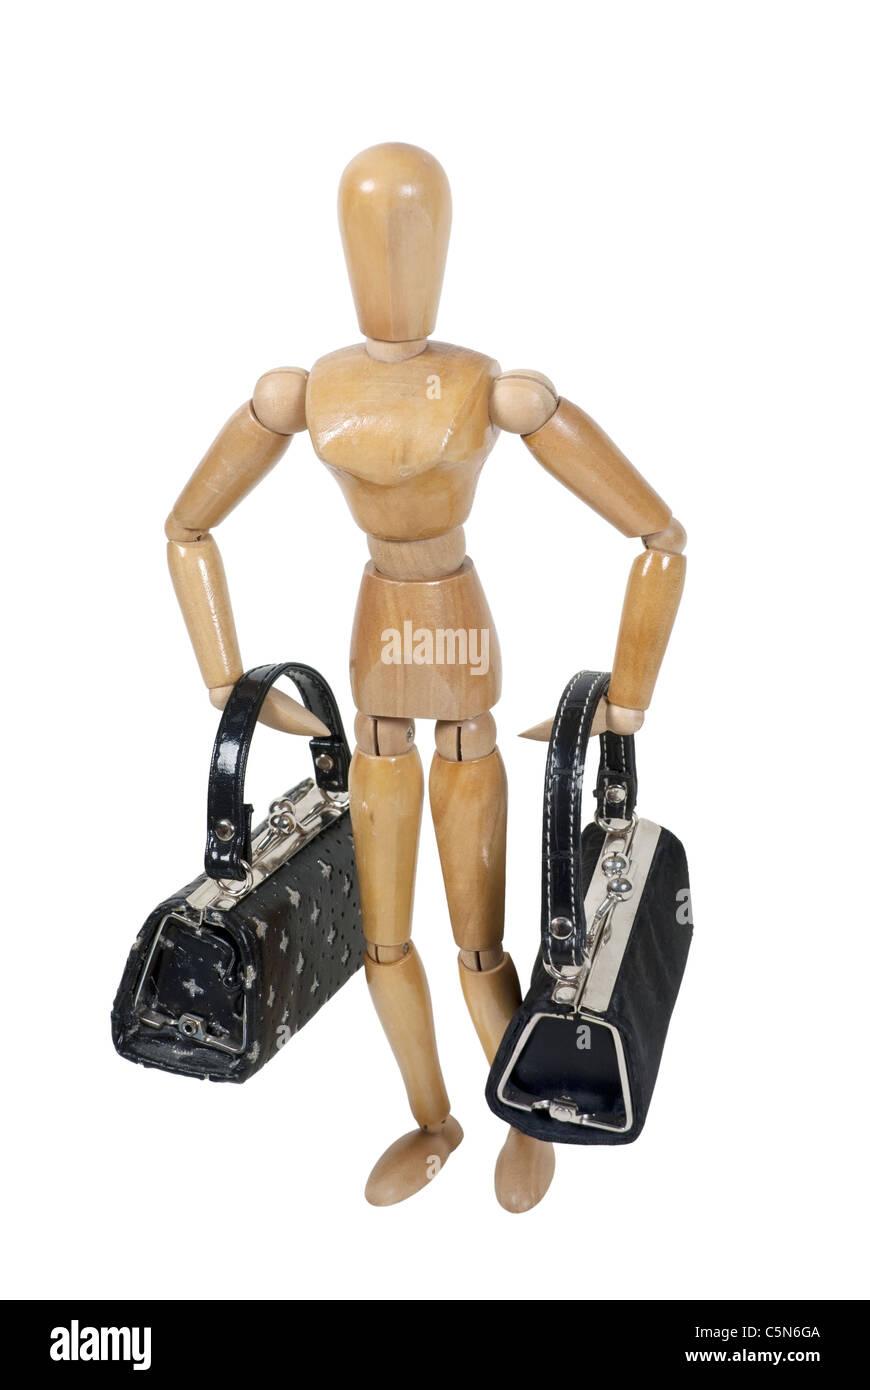 Maquette en bois transportant des sacs noirs d'assurance pour voyager - chemin inclus Banque D'Images